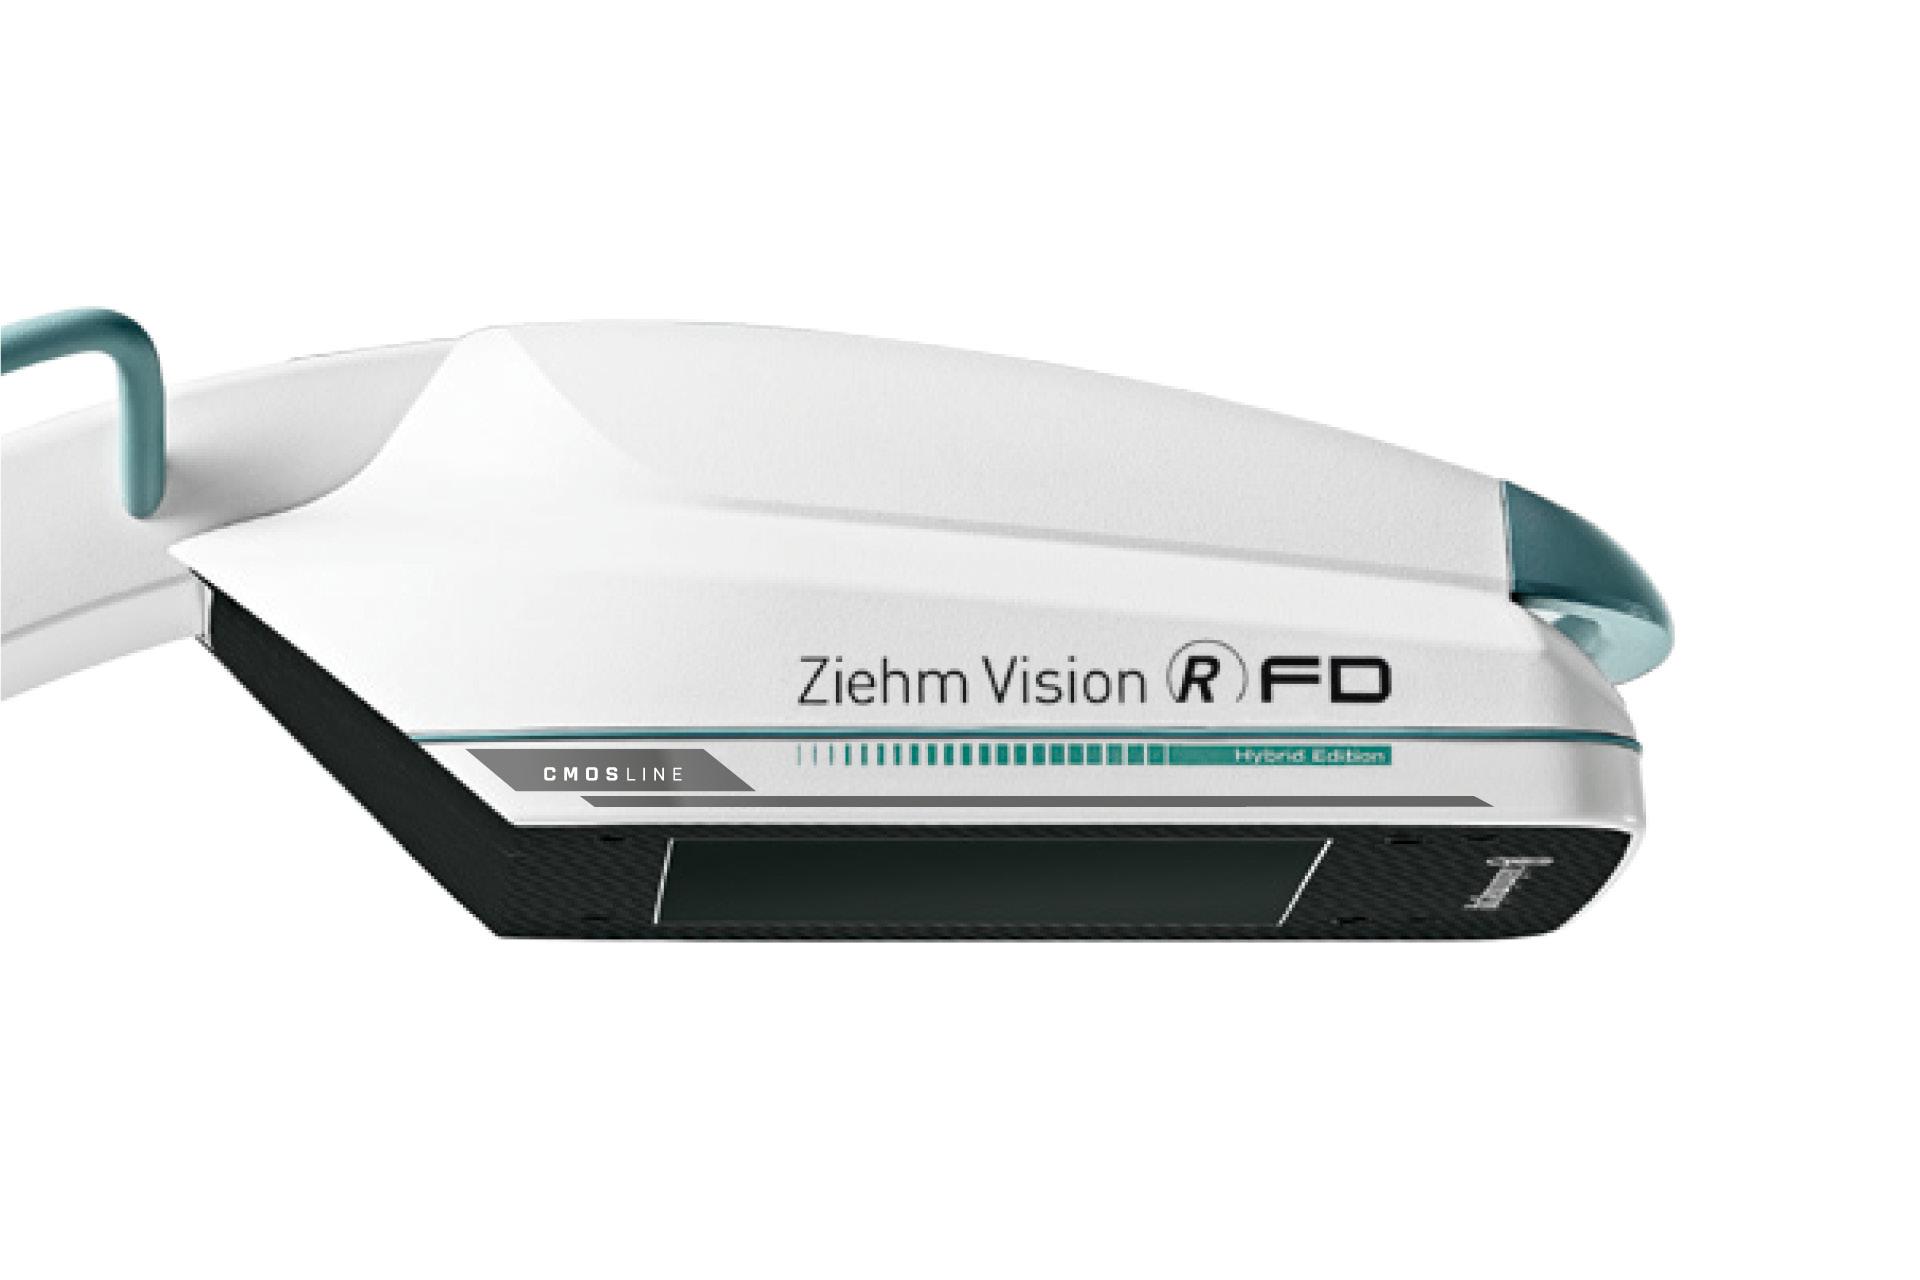 C-Bogen-Detektor mit Produktkennzeichnungen CMOSline und Hybrid Edition